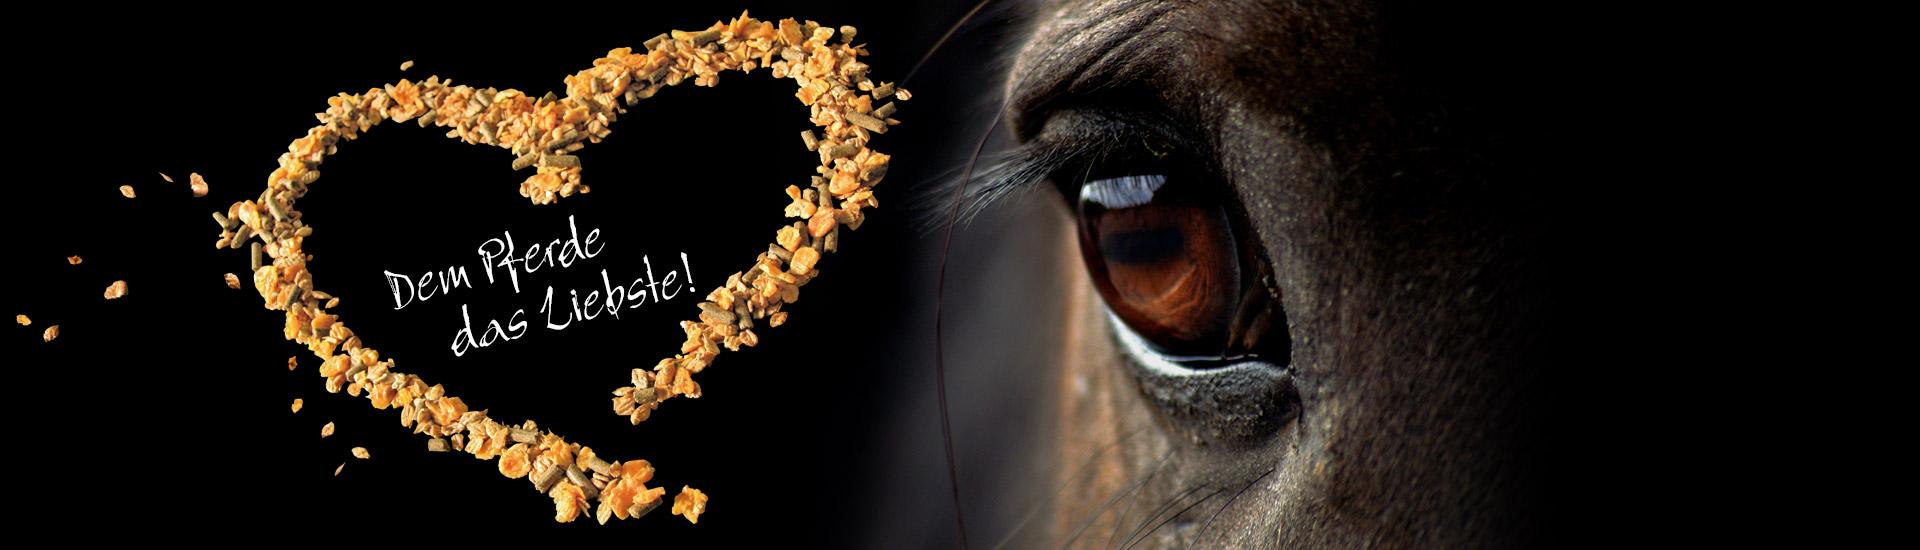 Höveler - Dem Pferde das Liebste